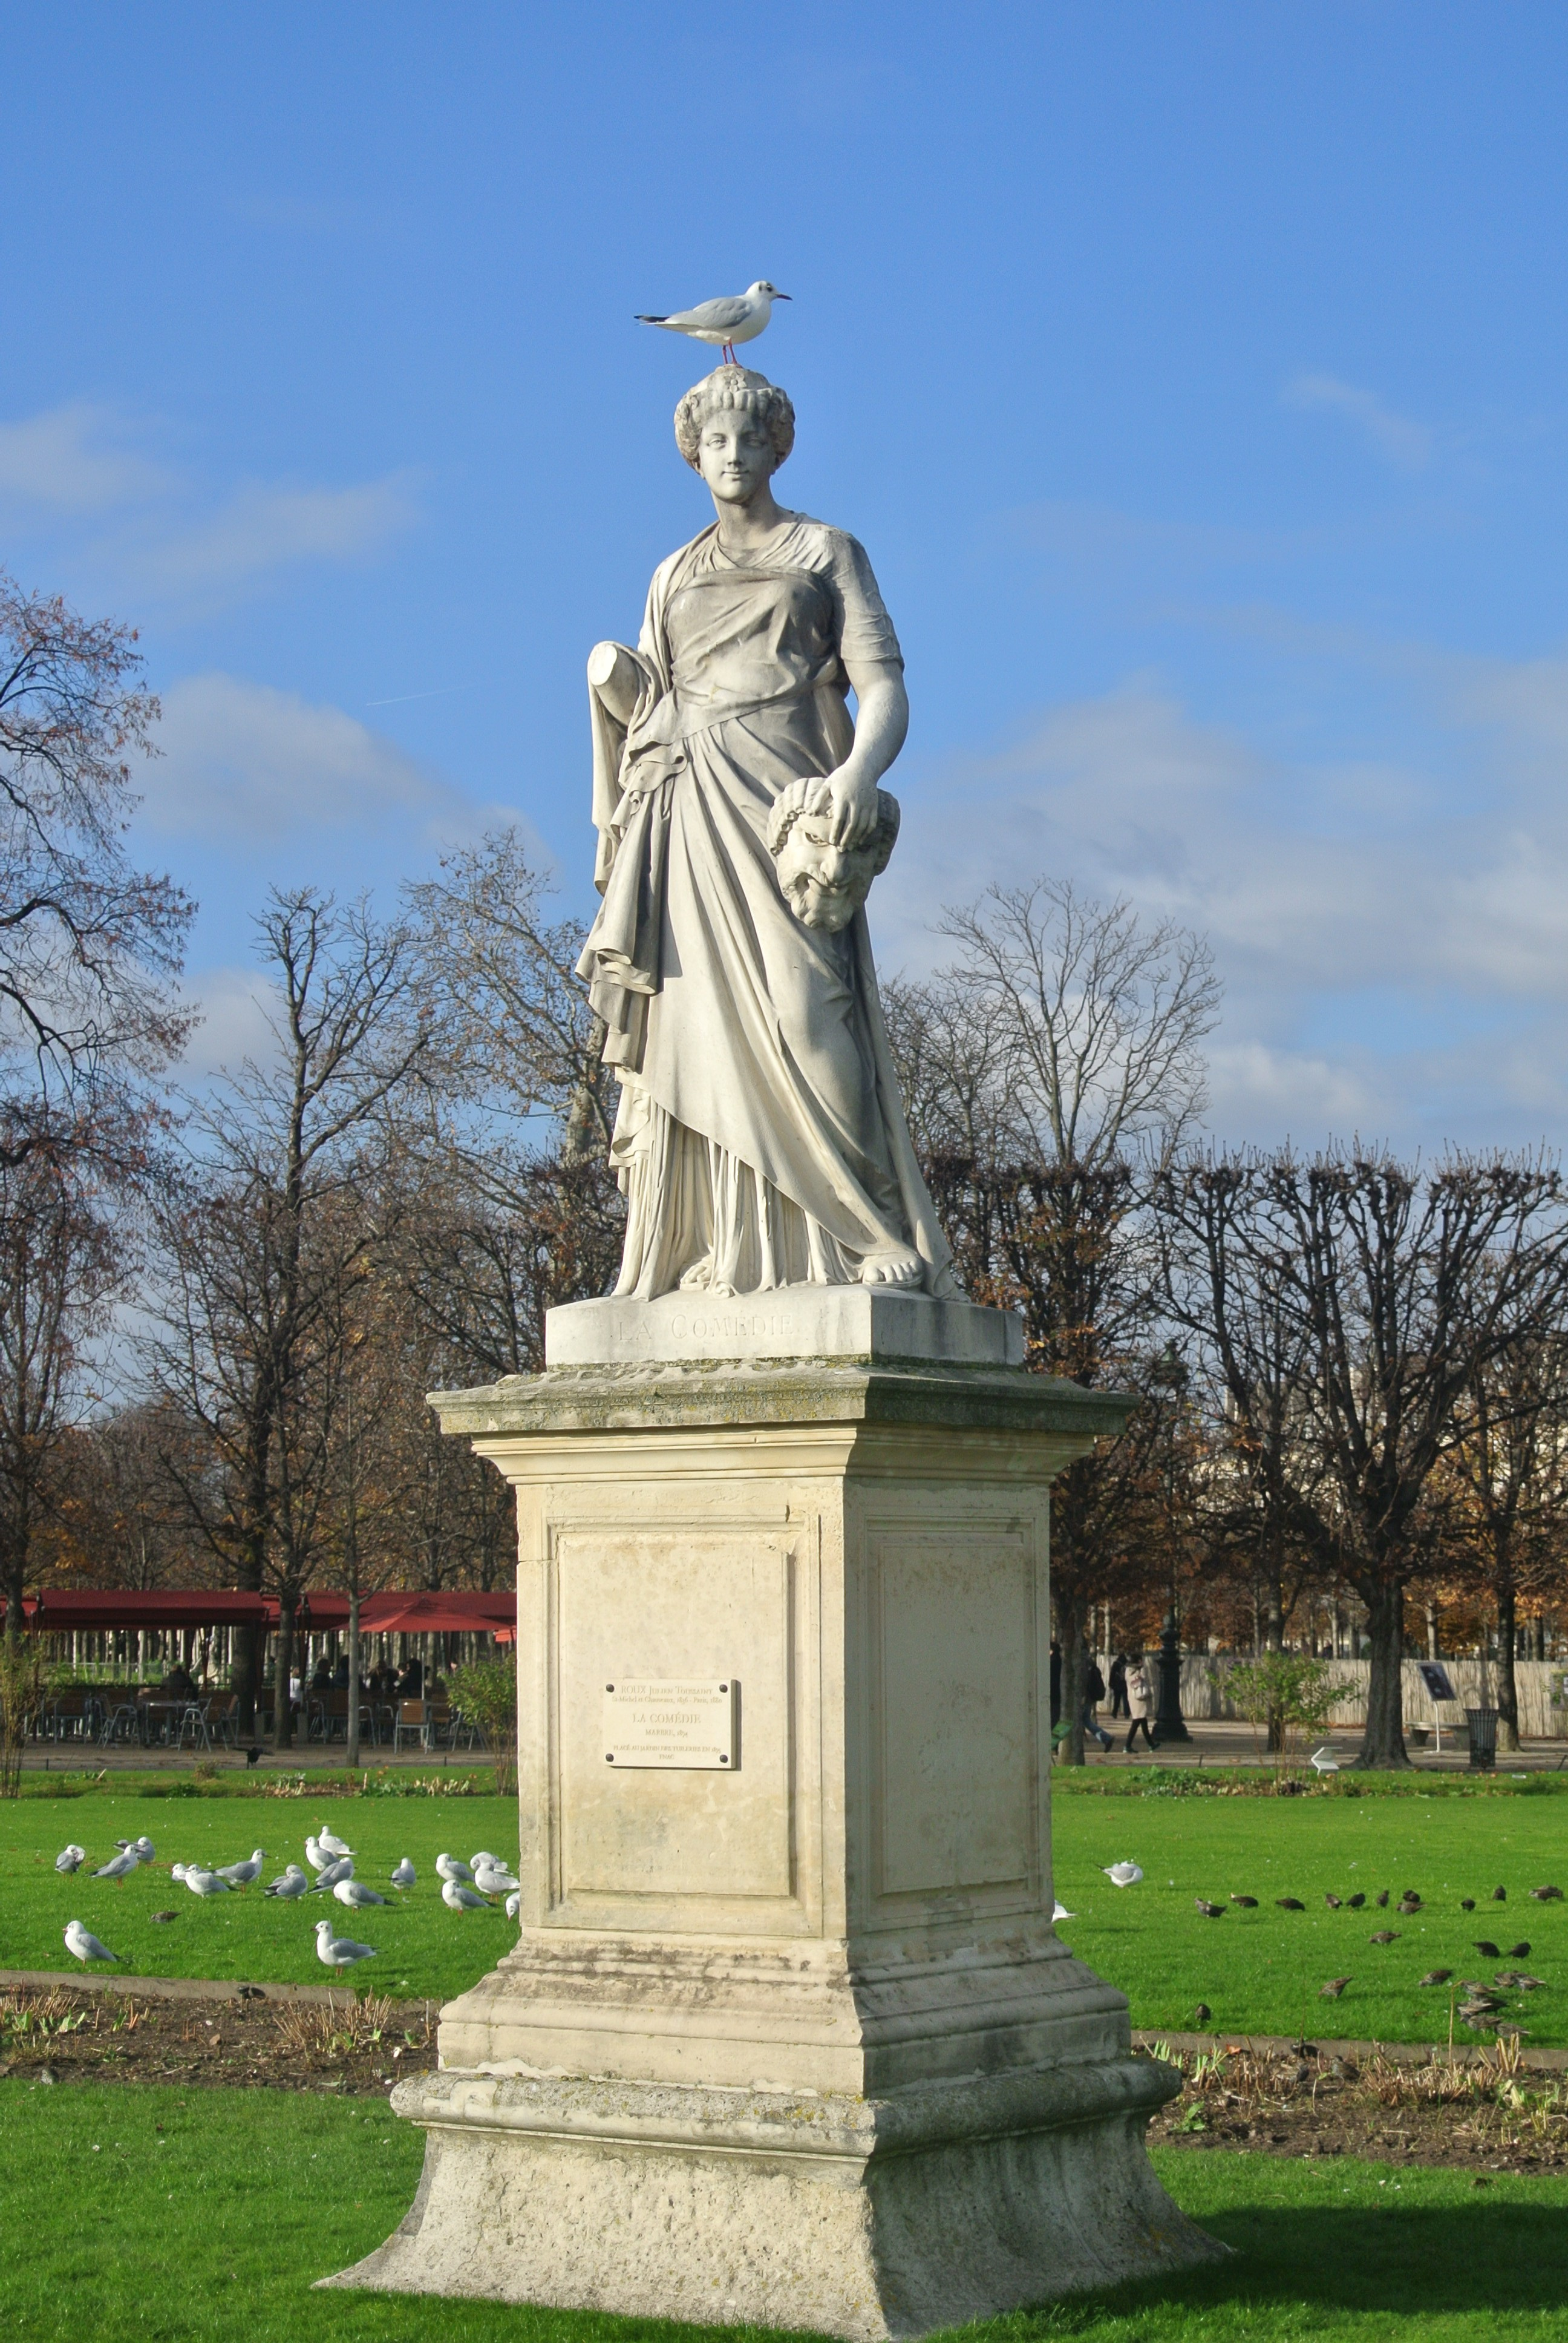 Tuileries Statue, Paris | Todd's Travels Travel Blog